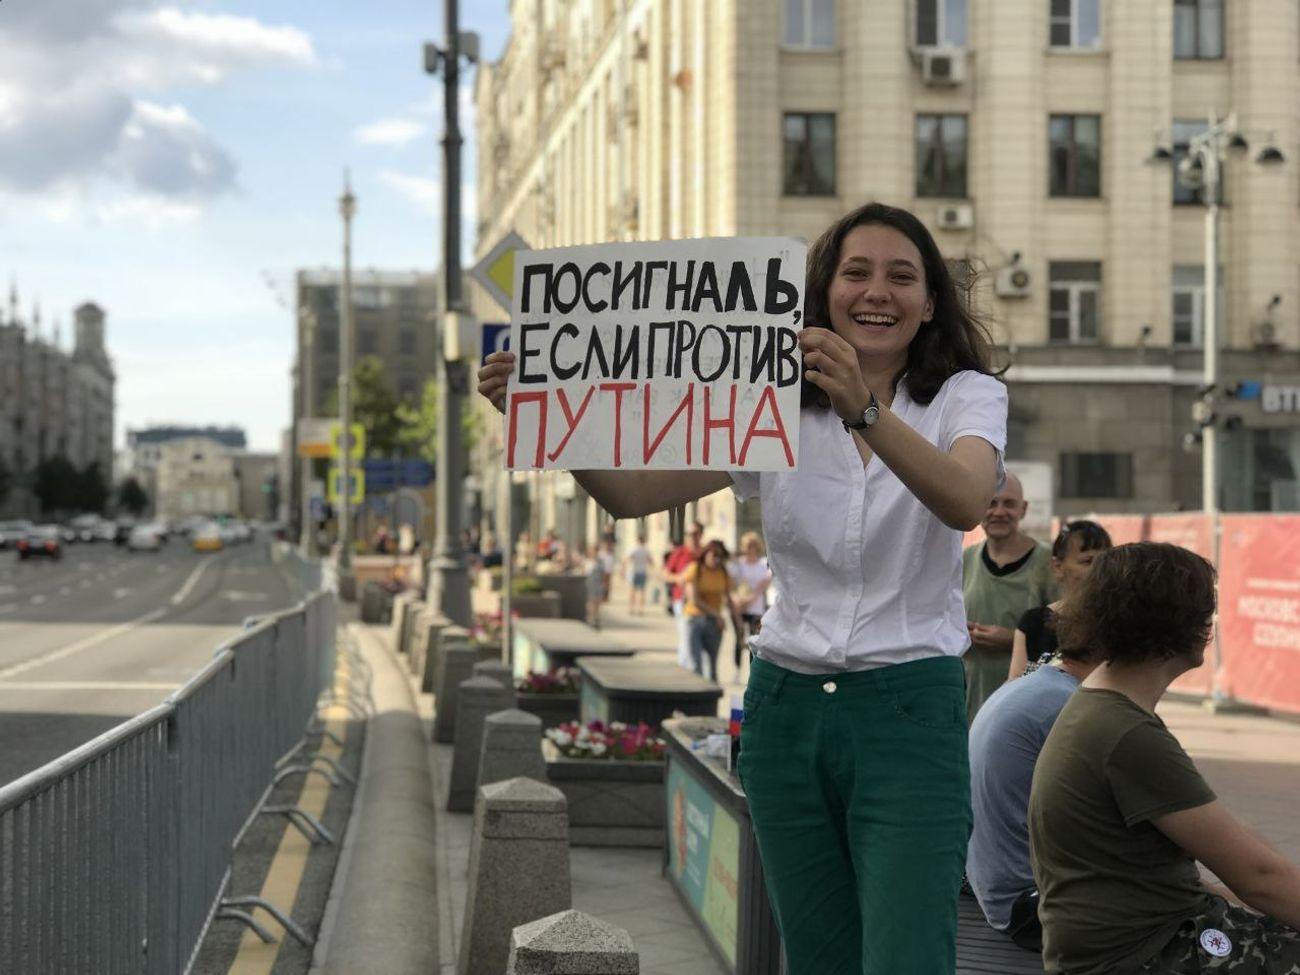 Россия сегодня: «Нет предела чекистской мерзости»